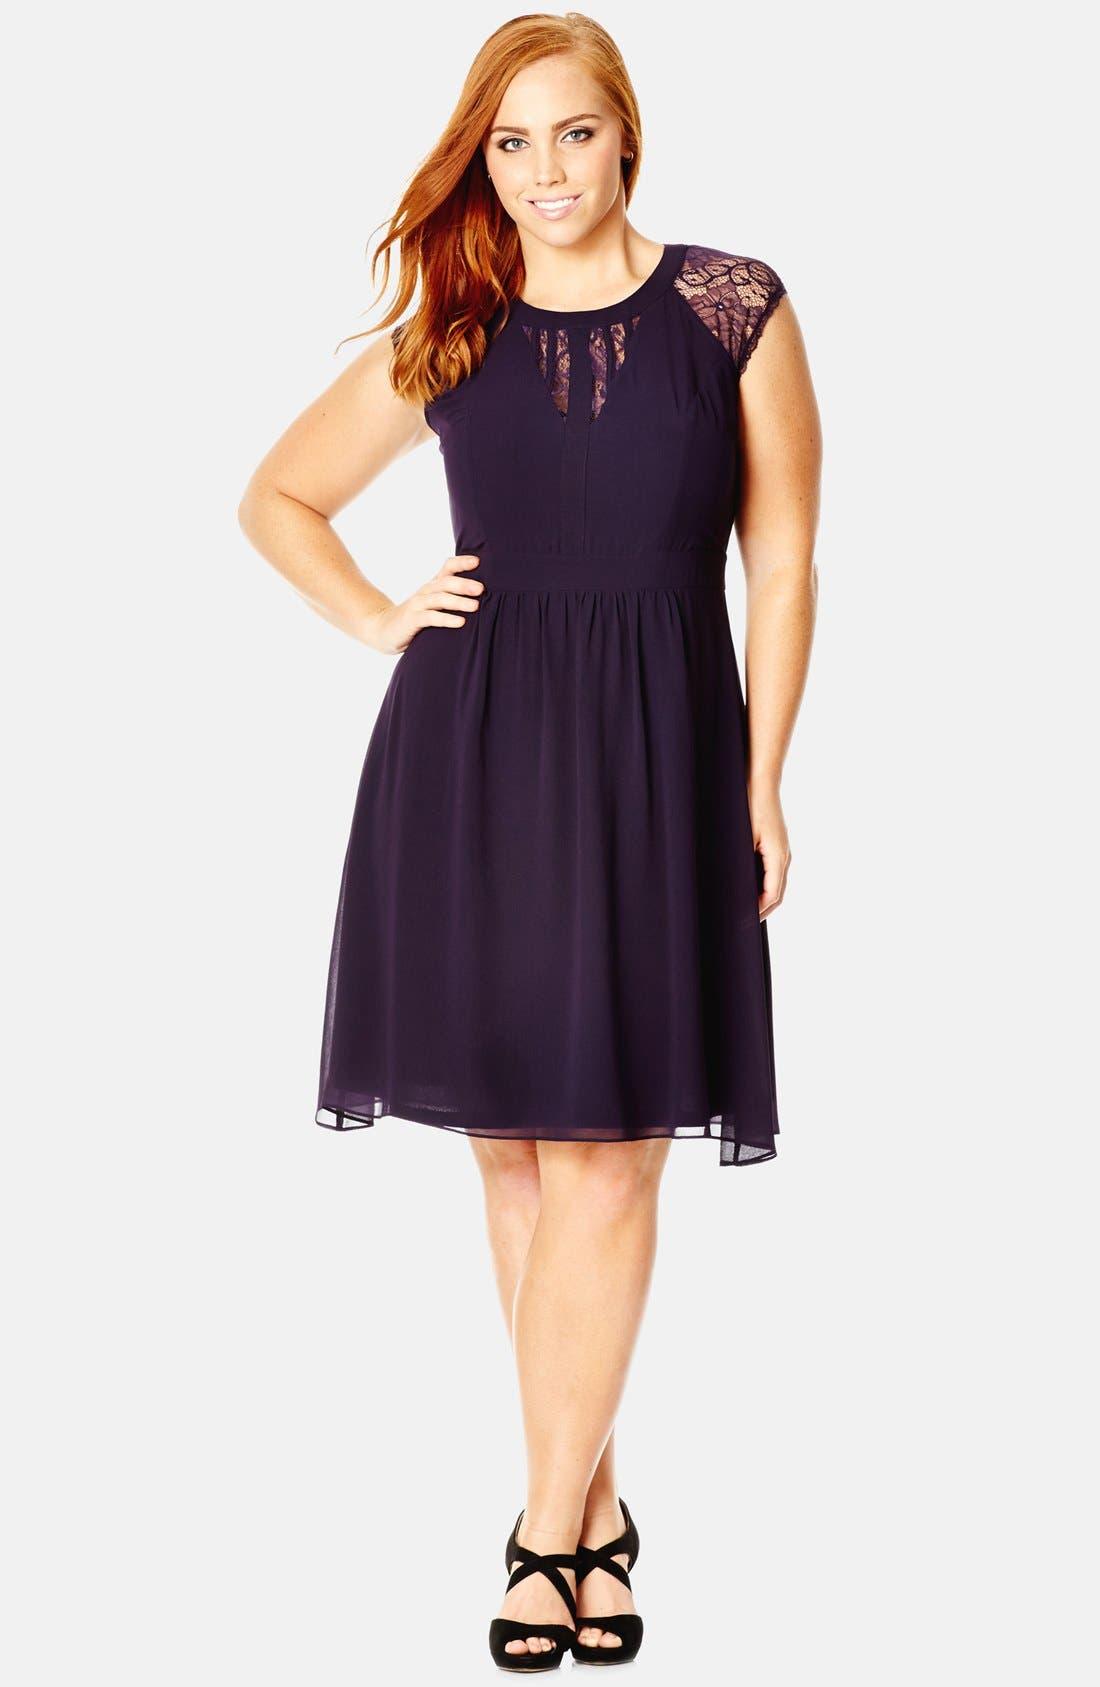 Image plus size clothing store